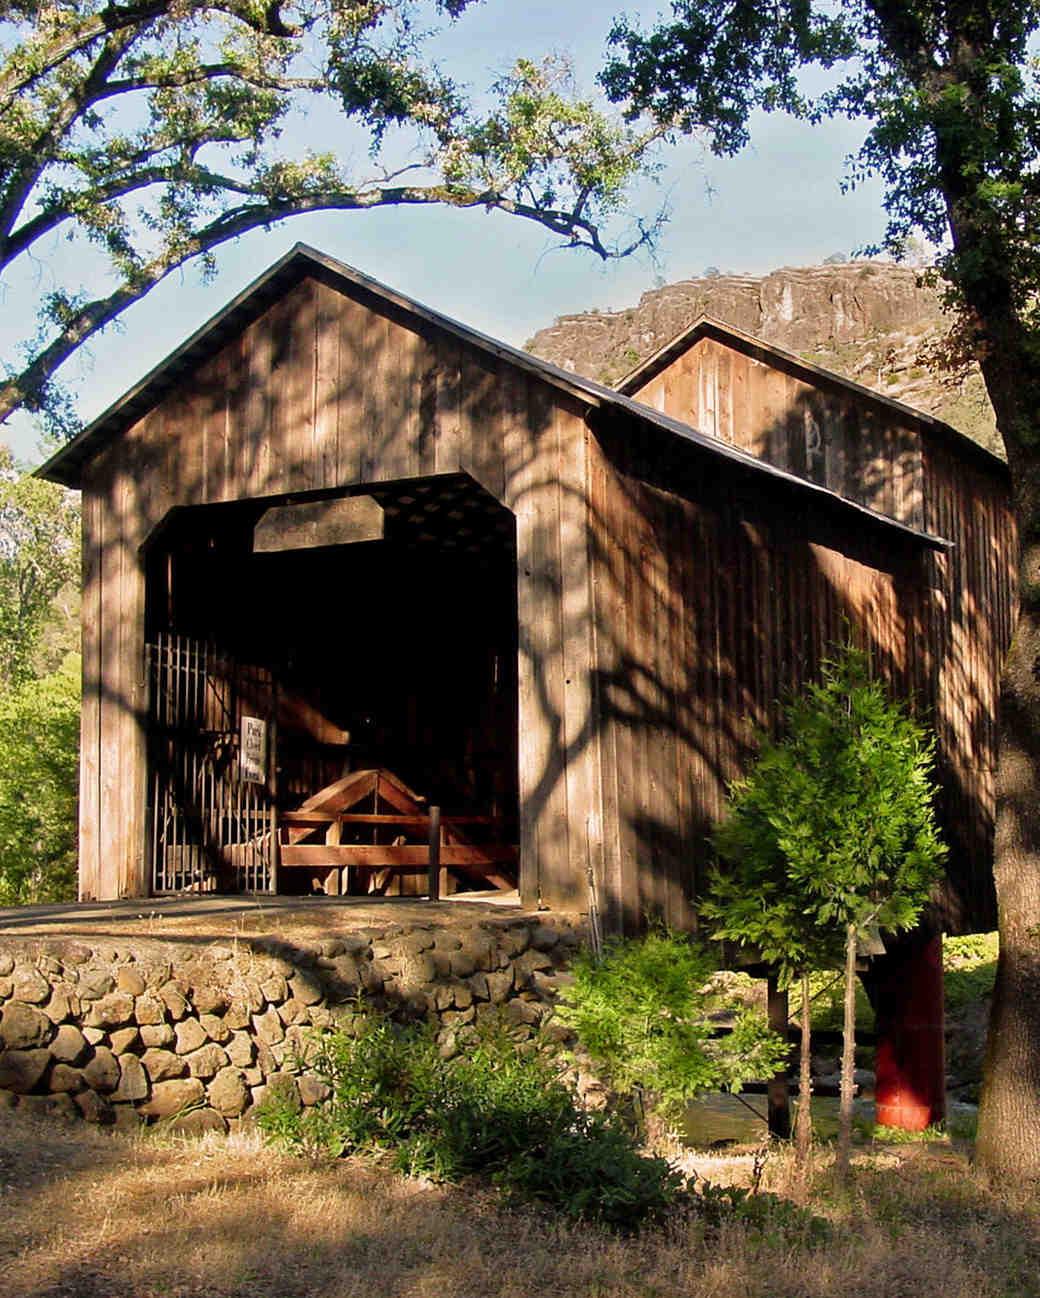 covered-bridges-honey-run-chico-california-3-0714.jpeg